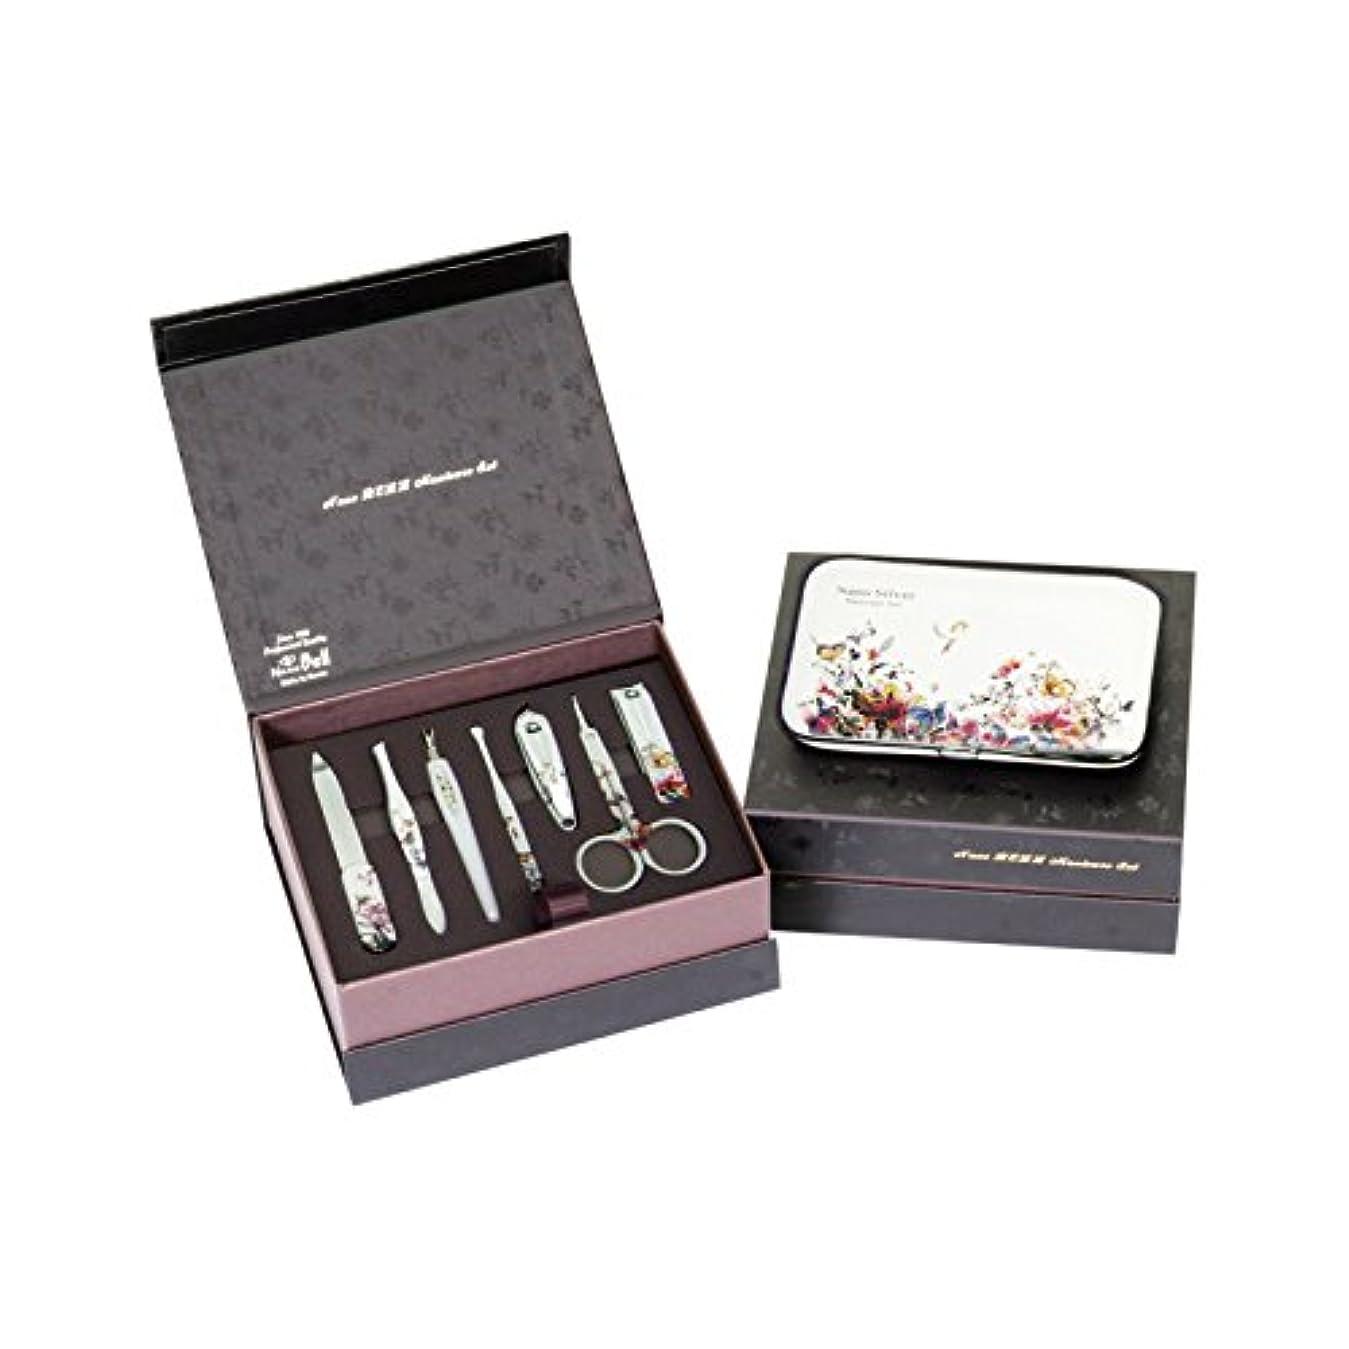 リビングルーム海賊本気METAL BELL Manicure Sets BN-8177B ポータブル爪の管理セット爪切りセット 高品質のネイルケアセット高級感のある東洋画のデザイン Portable Nail Clippers Nail Care Set